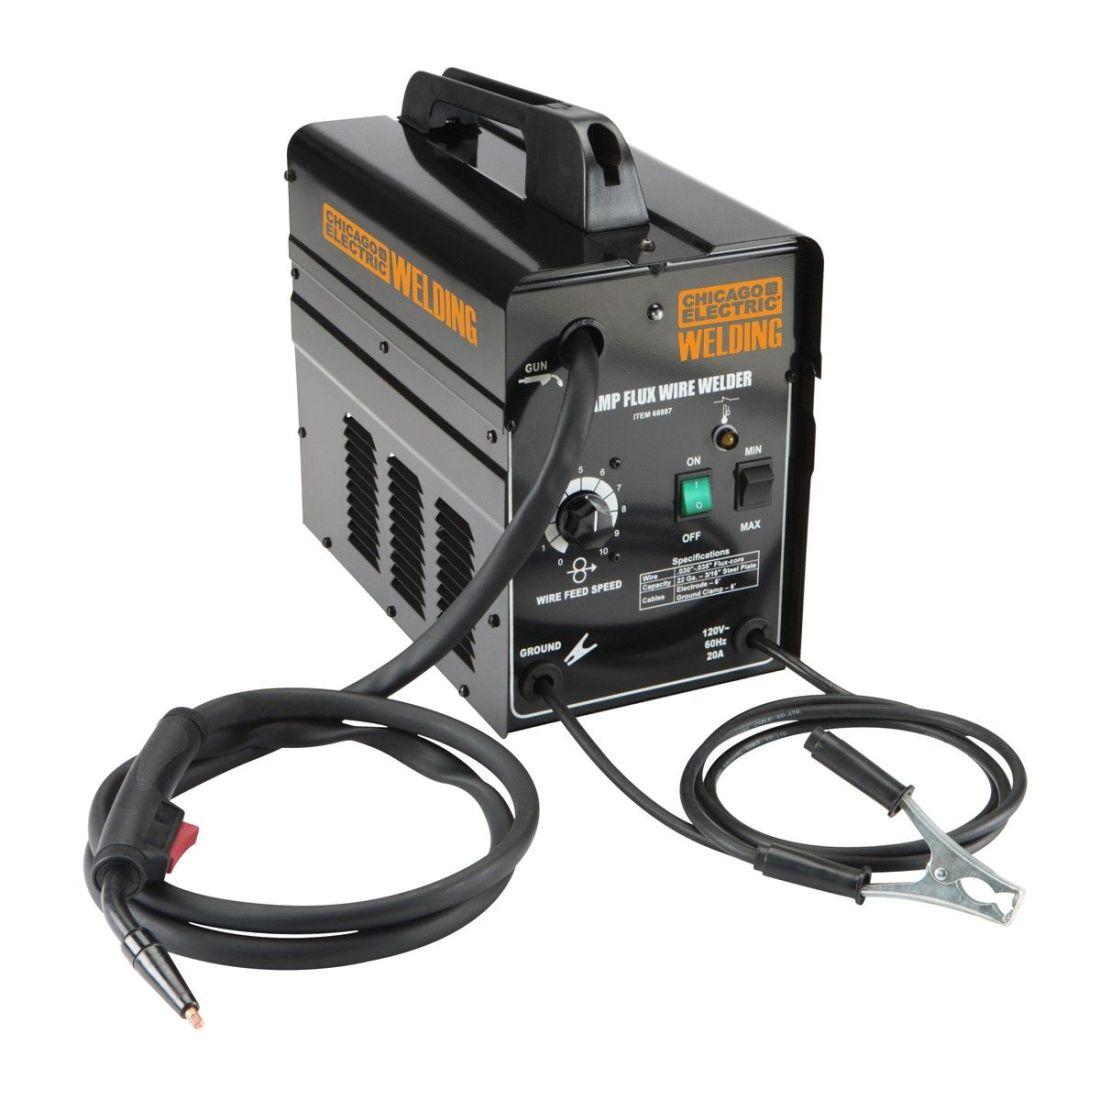 90 amp flux wire welder welders welding accessories